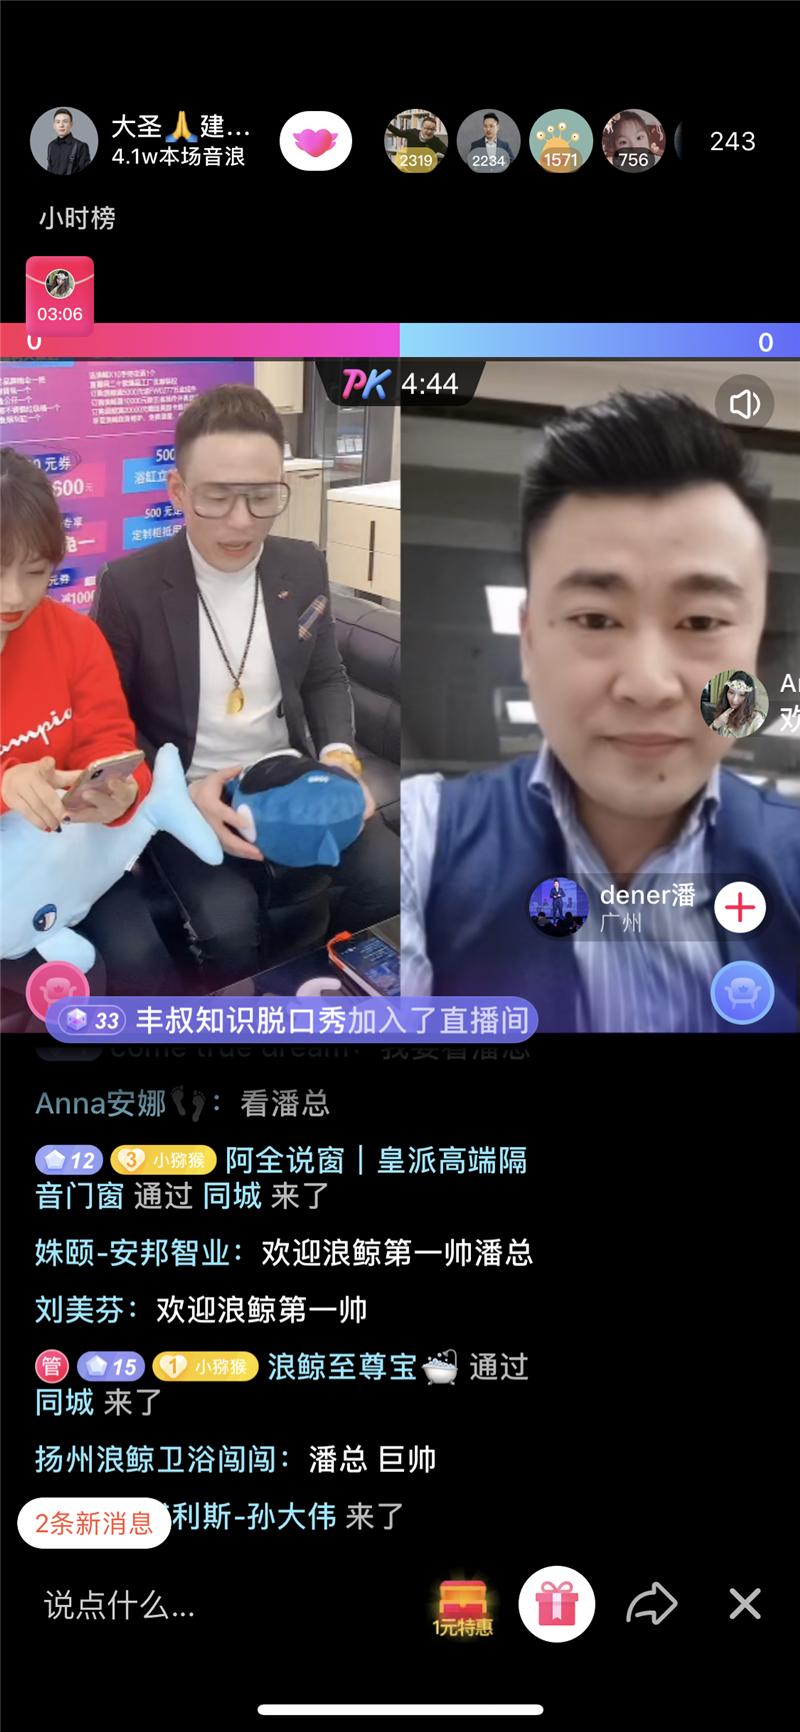 浪鲸卫浴副总裁潘胜良(右一)与扬州浪鲸总经理连麦互动.png